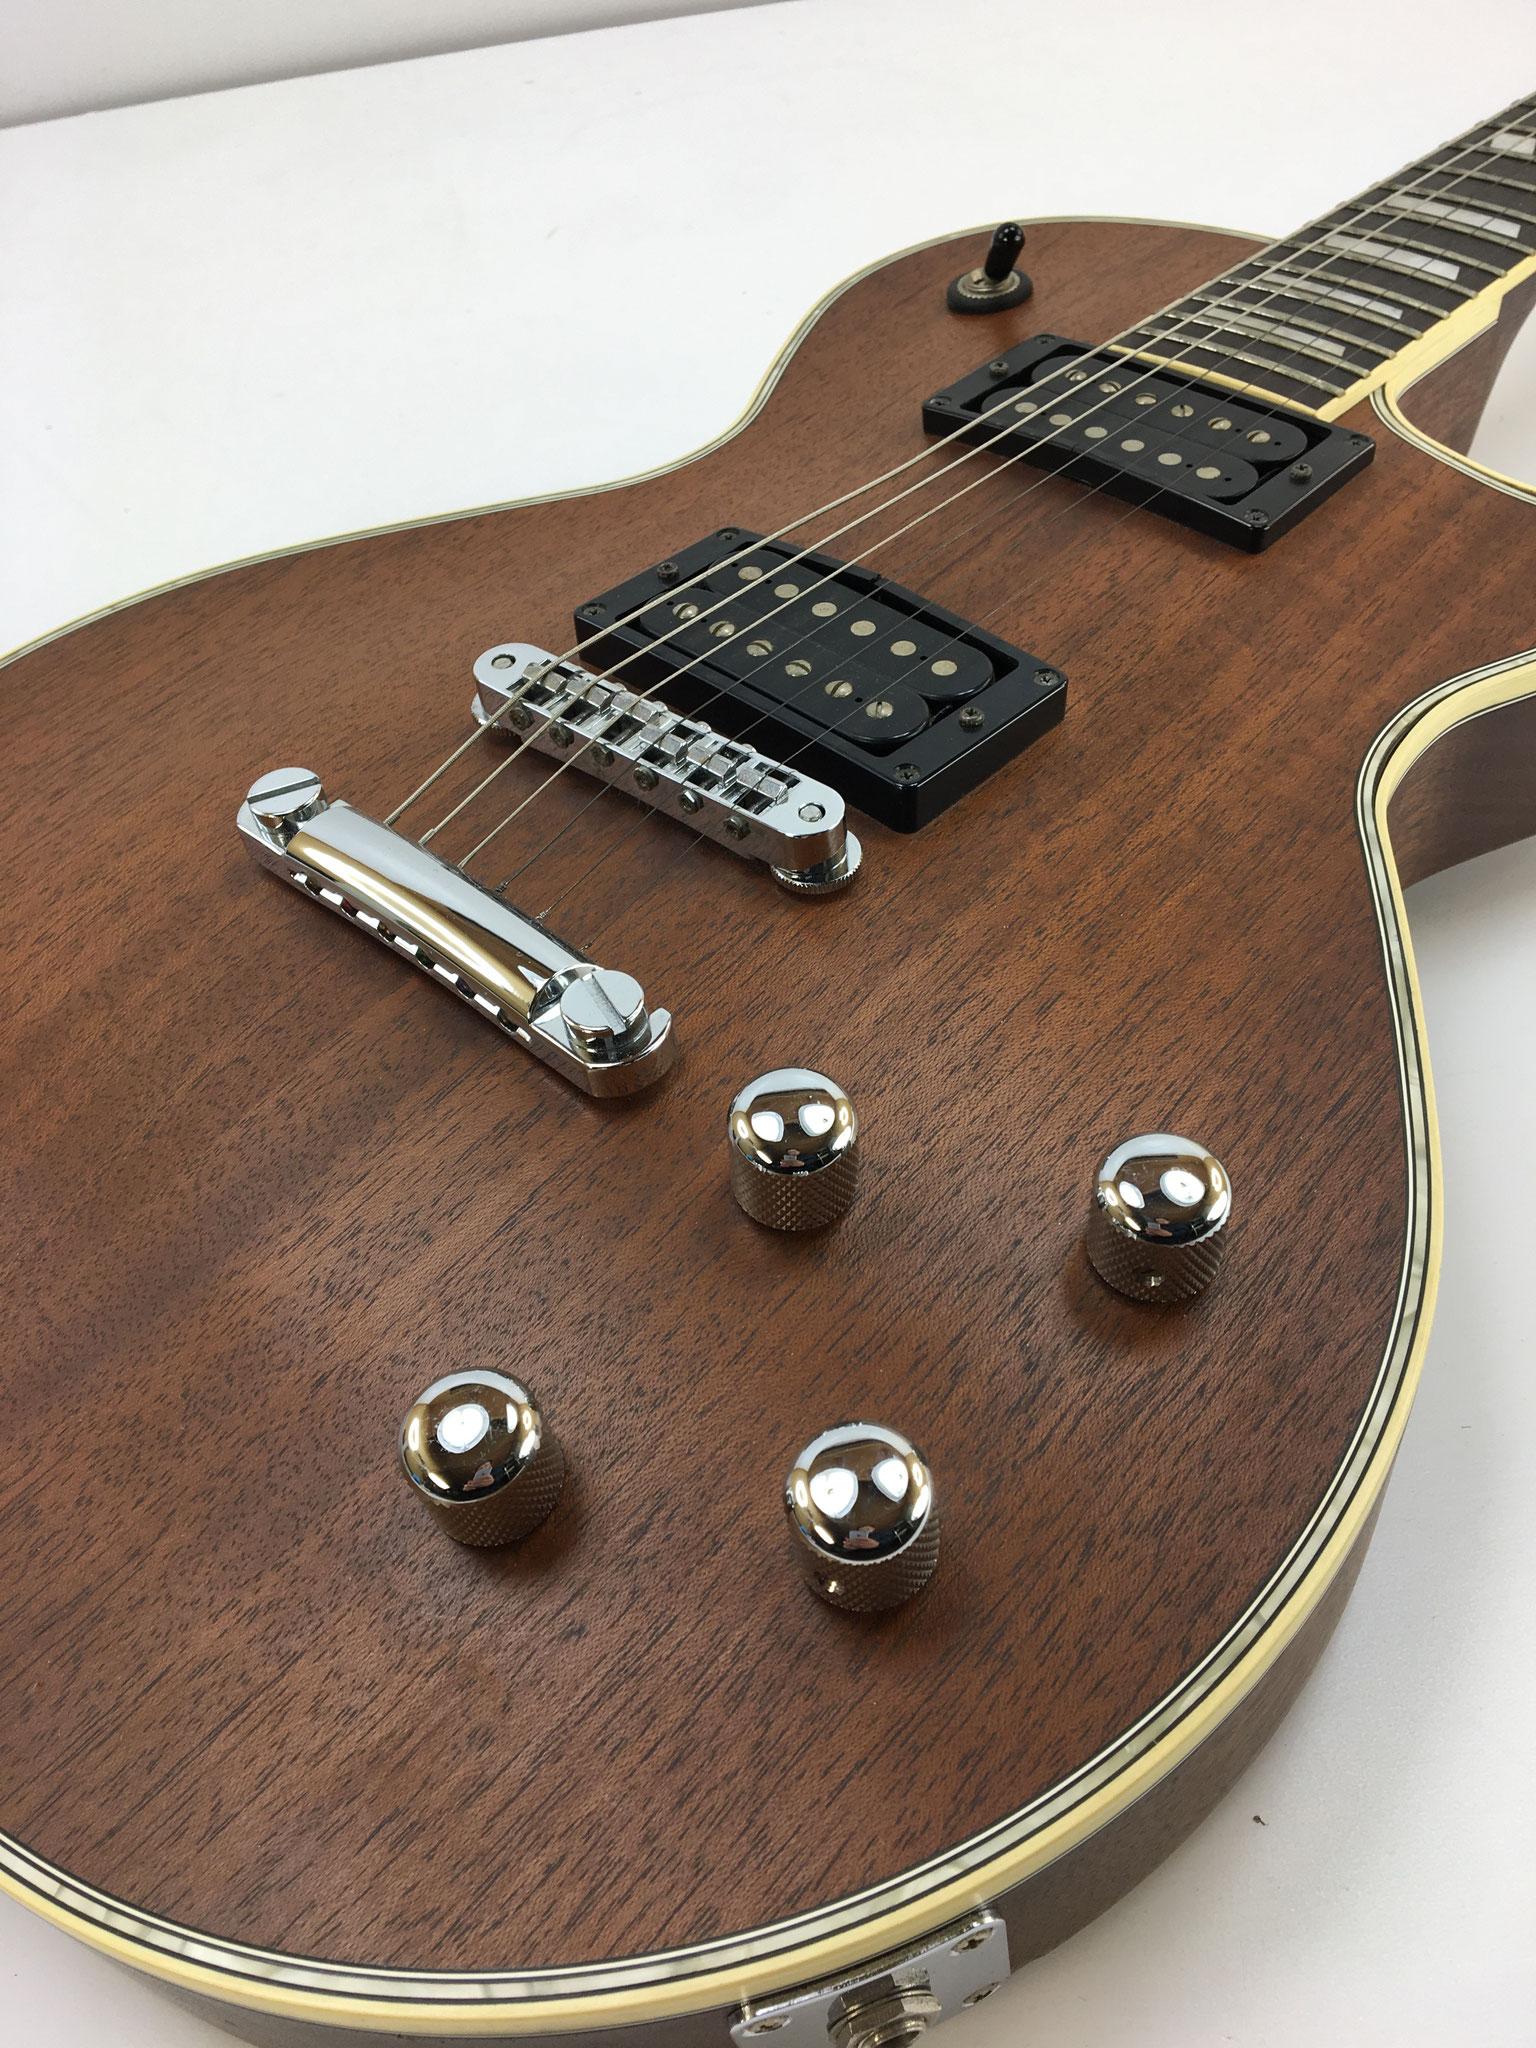 ギター買取最高値はプラクラ♪